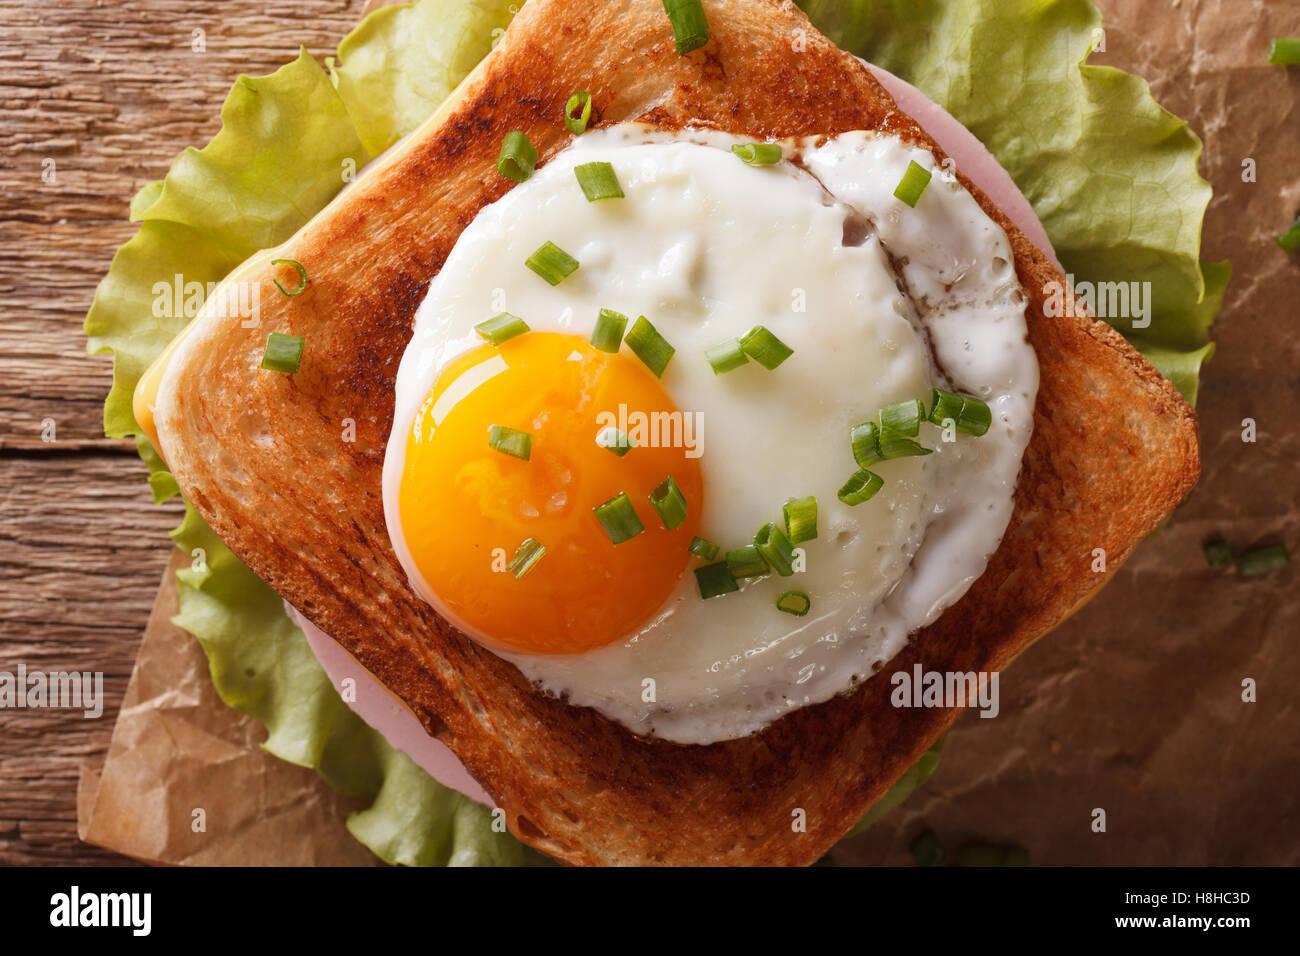 Avec Sandwich œuf frit, jambon, oignons et fromage close up. vue horizontale d'en haut Photo Stock